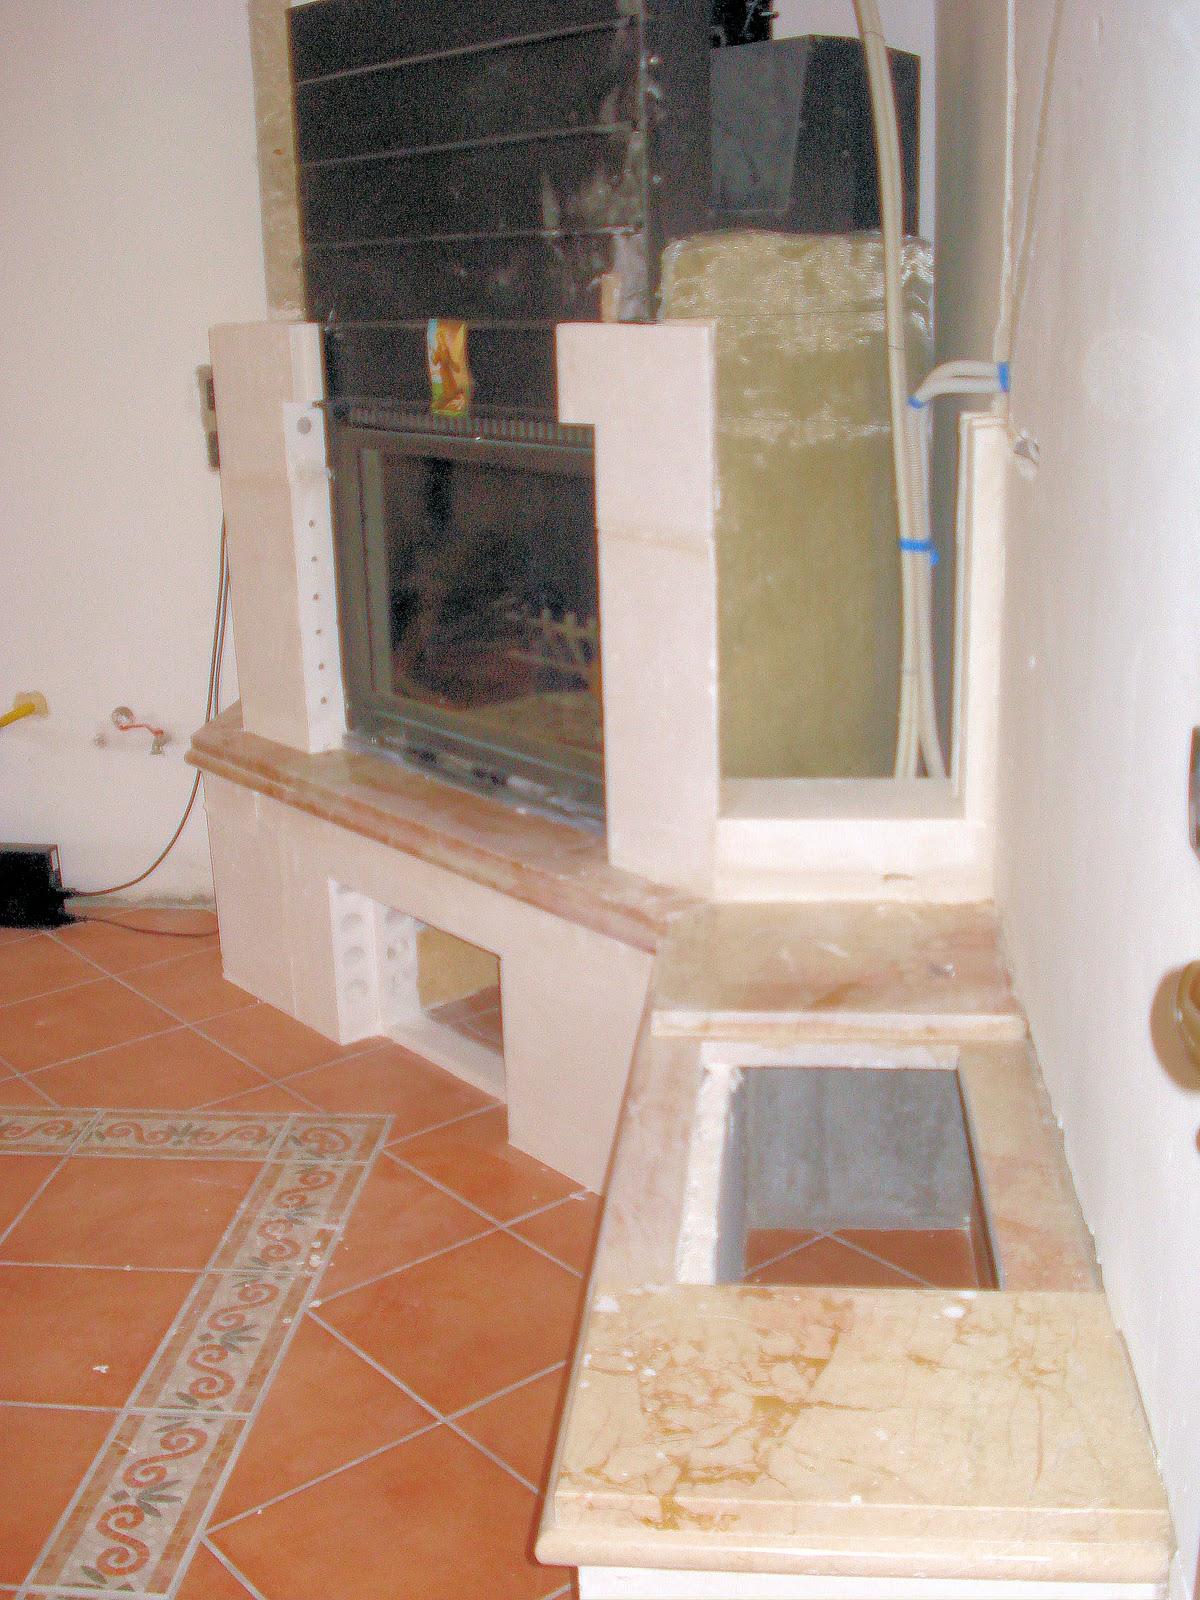 CLAUDIO CARUSO DECORAZIONI: Rivestimento termocamino: applicazione intonaco stampato effetto pietra